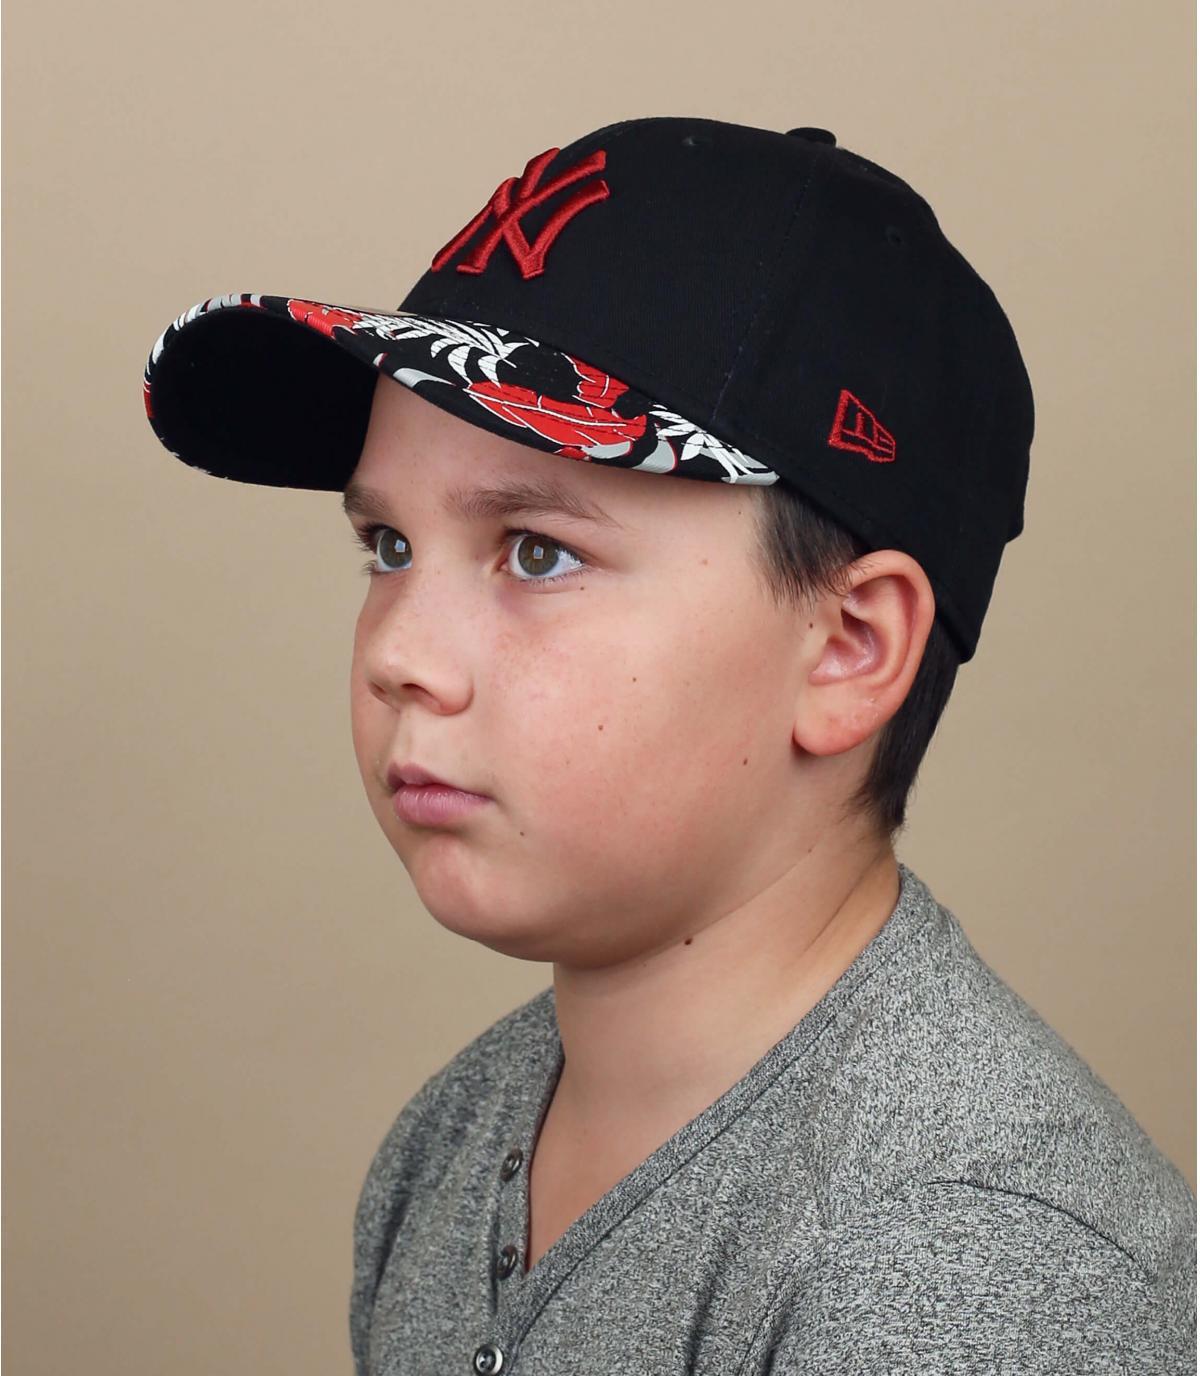 NY child cap pattern